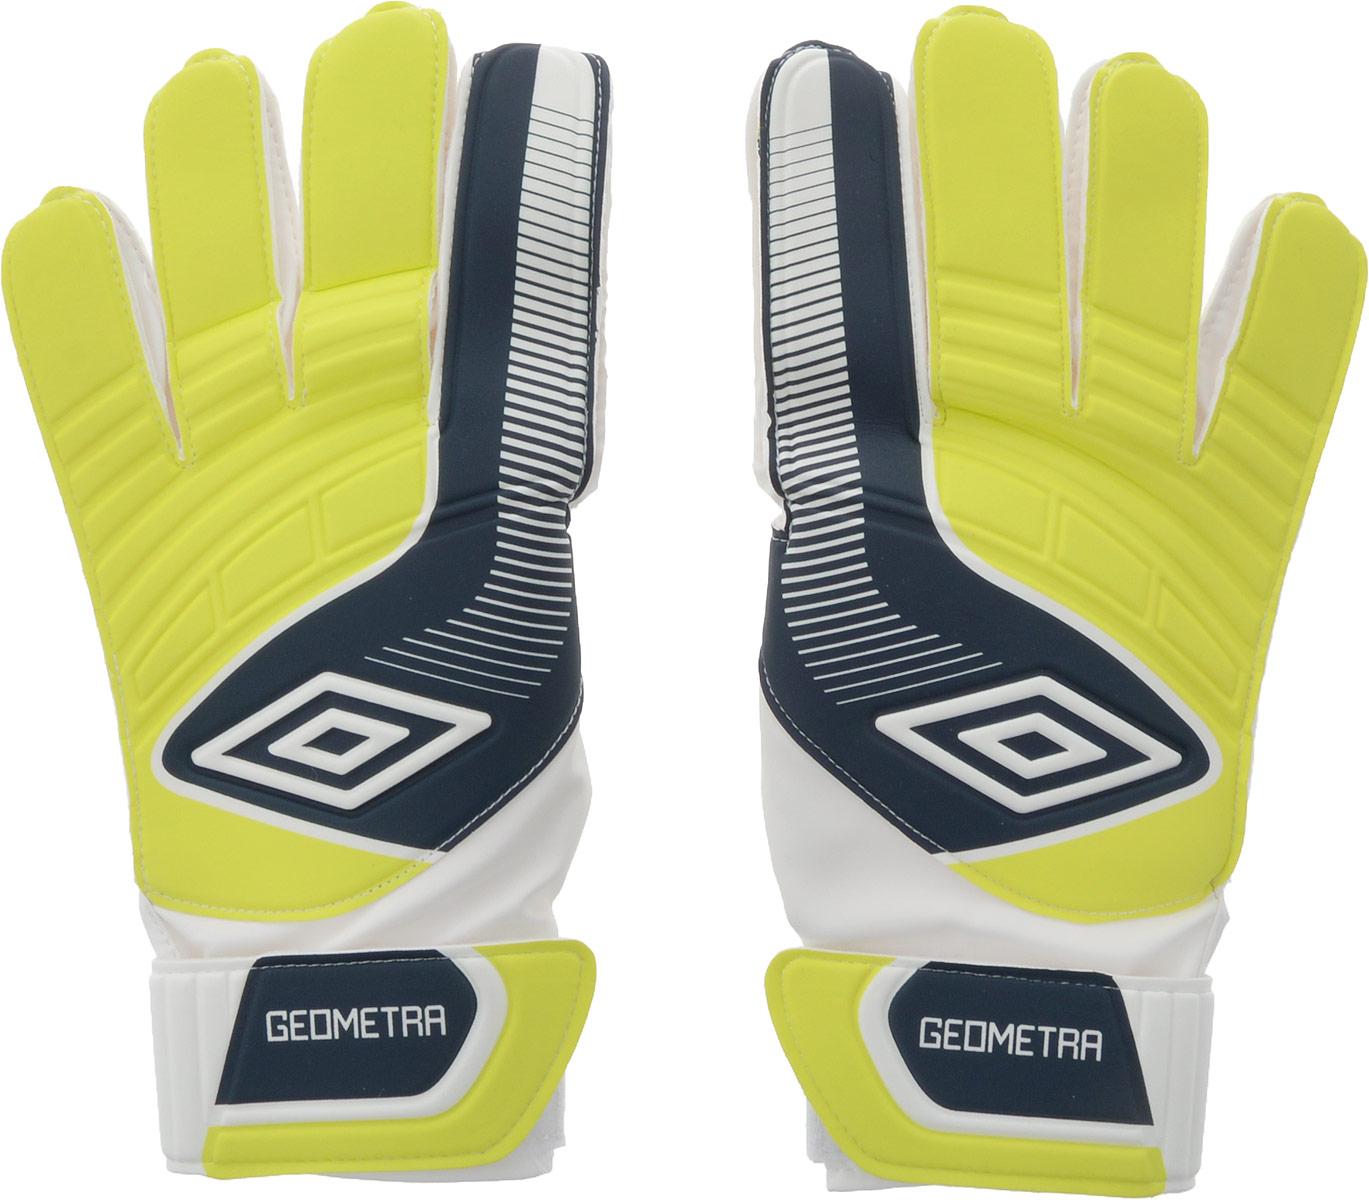 Перчатки вратарские Umbro Geometra Cup Glove, цвет: белый, темно-синий. 20390U. Размер 1020390UПерчатки вратарские для игроков разного уровня подготовки. Ладонь из латекса 3мм. Вставки из сетки для вентиляции. Эмбоссированная защита зоны удара.